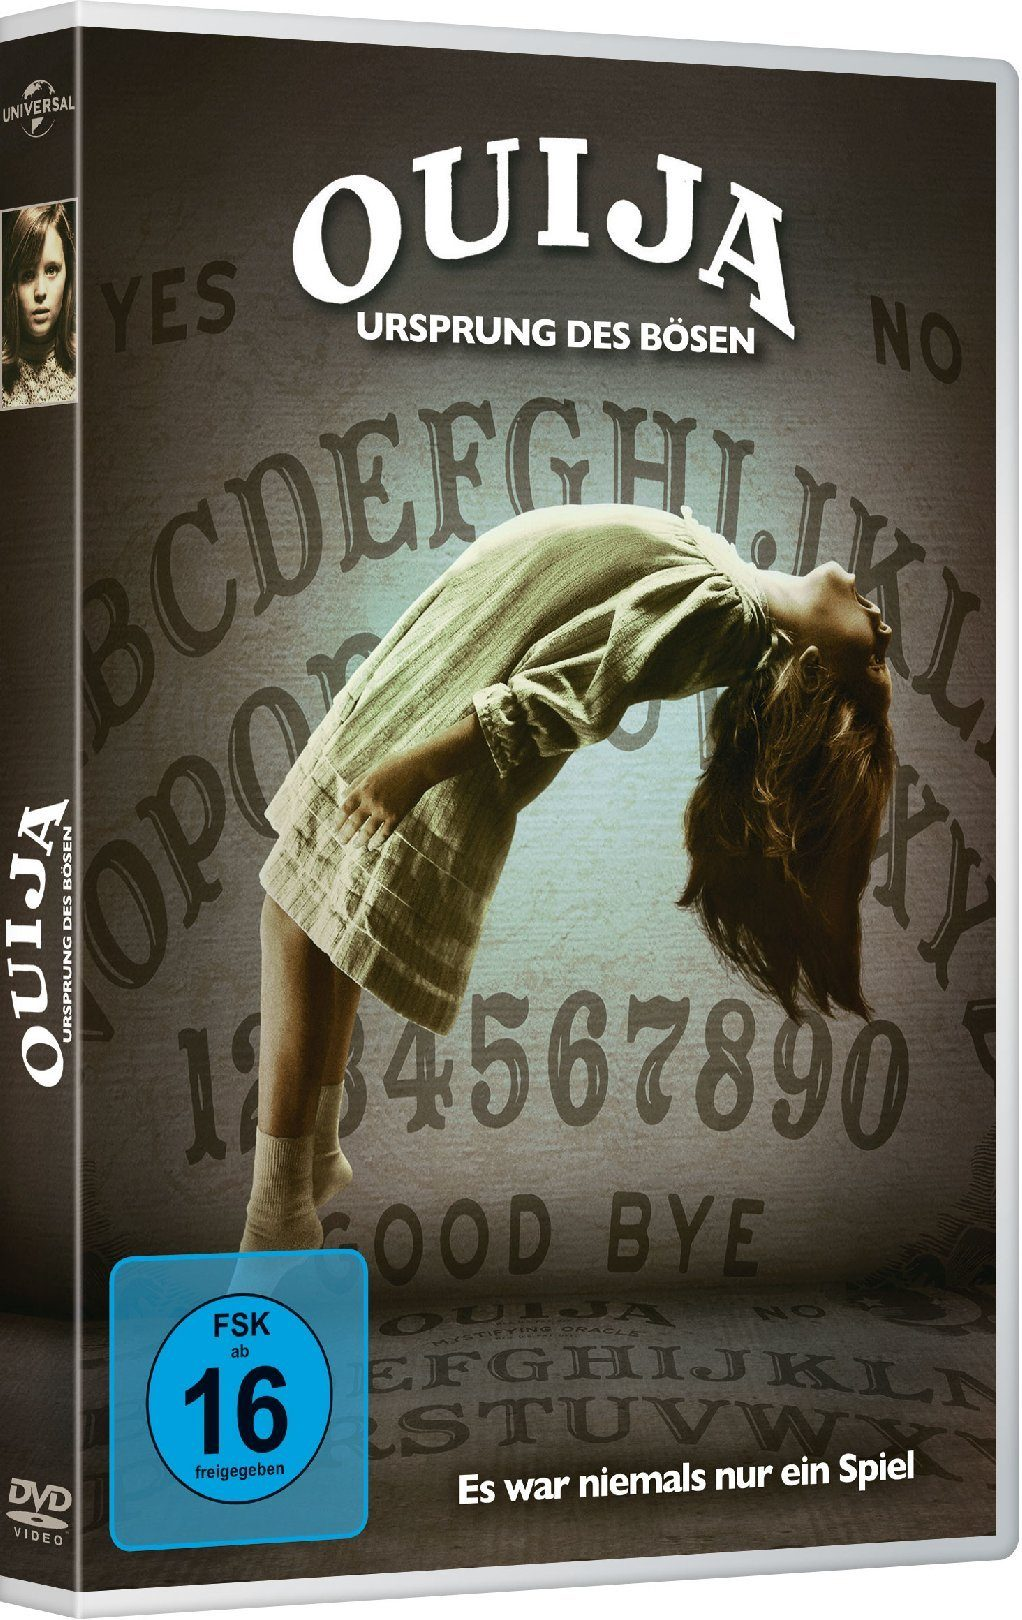 Universal Ouija: Ursprung des Bösen »DVD«